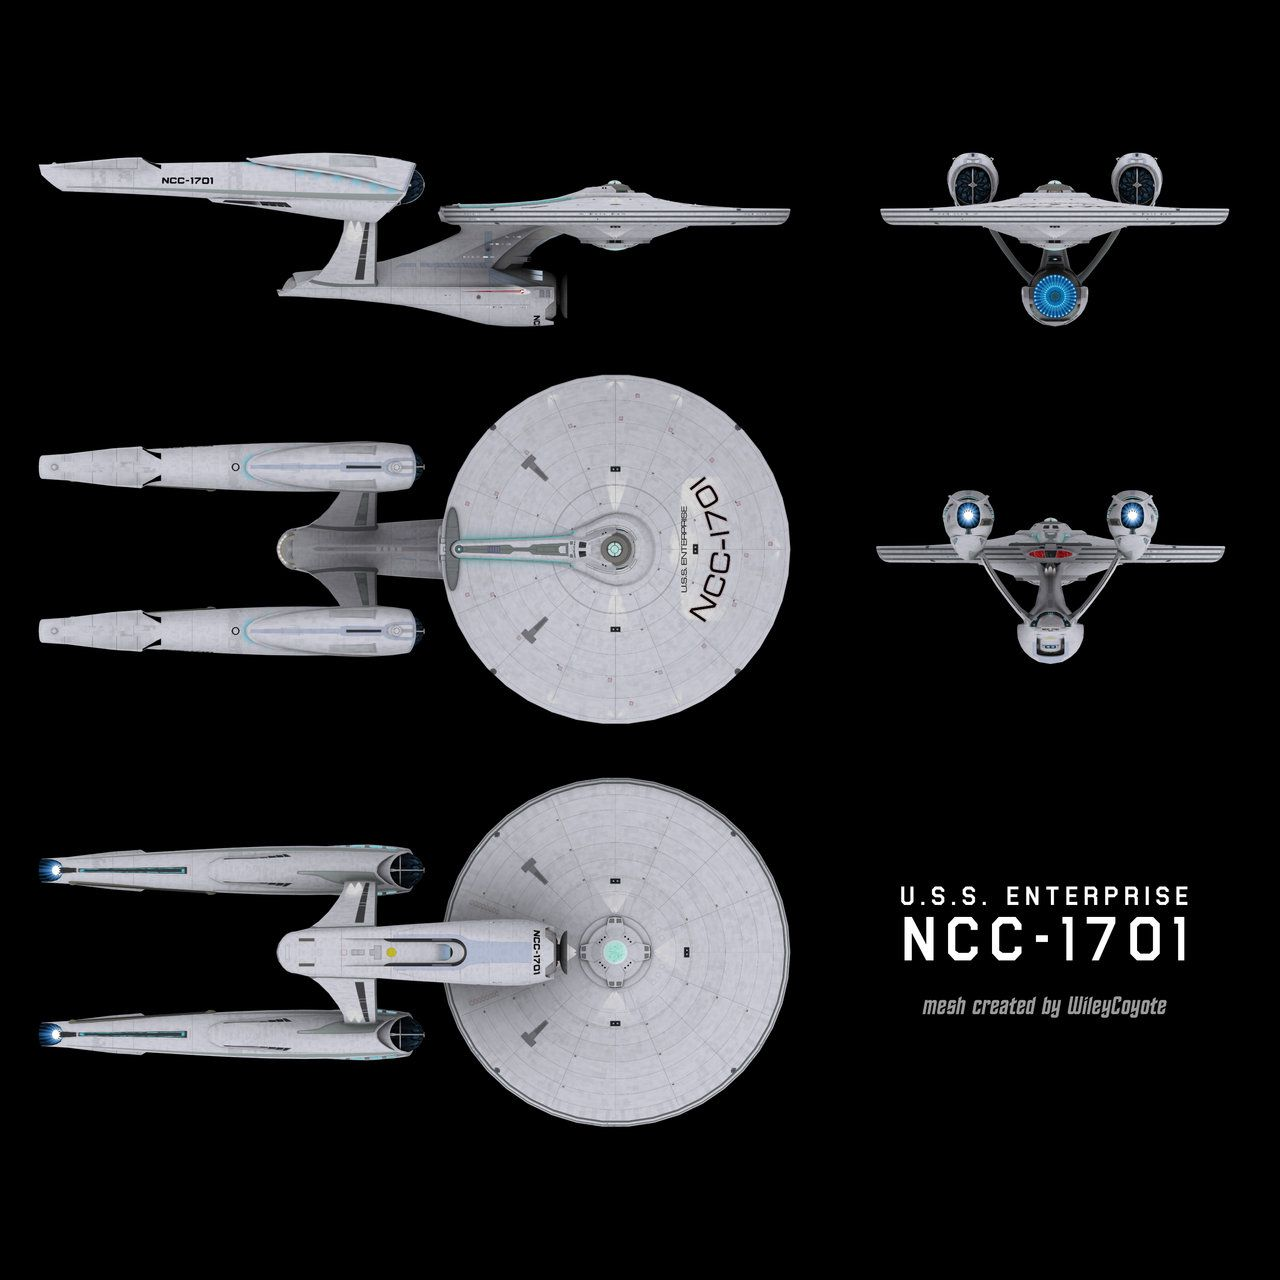 abramsverse u.s.s. enterprise ncc-1701 schematic by ~trekmodeler, Schematic